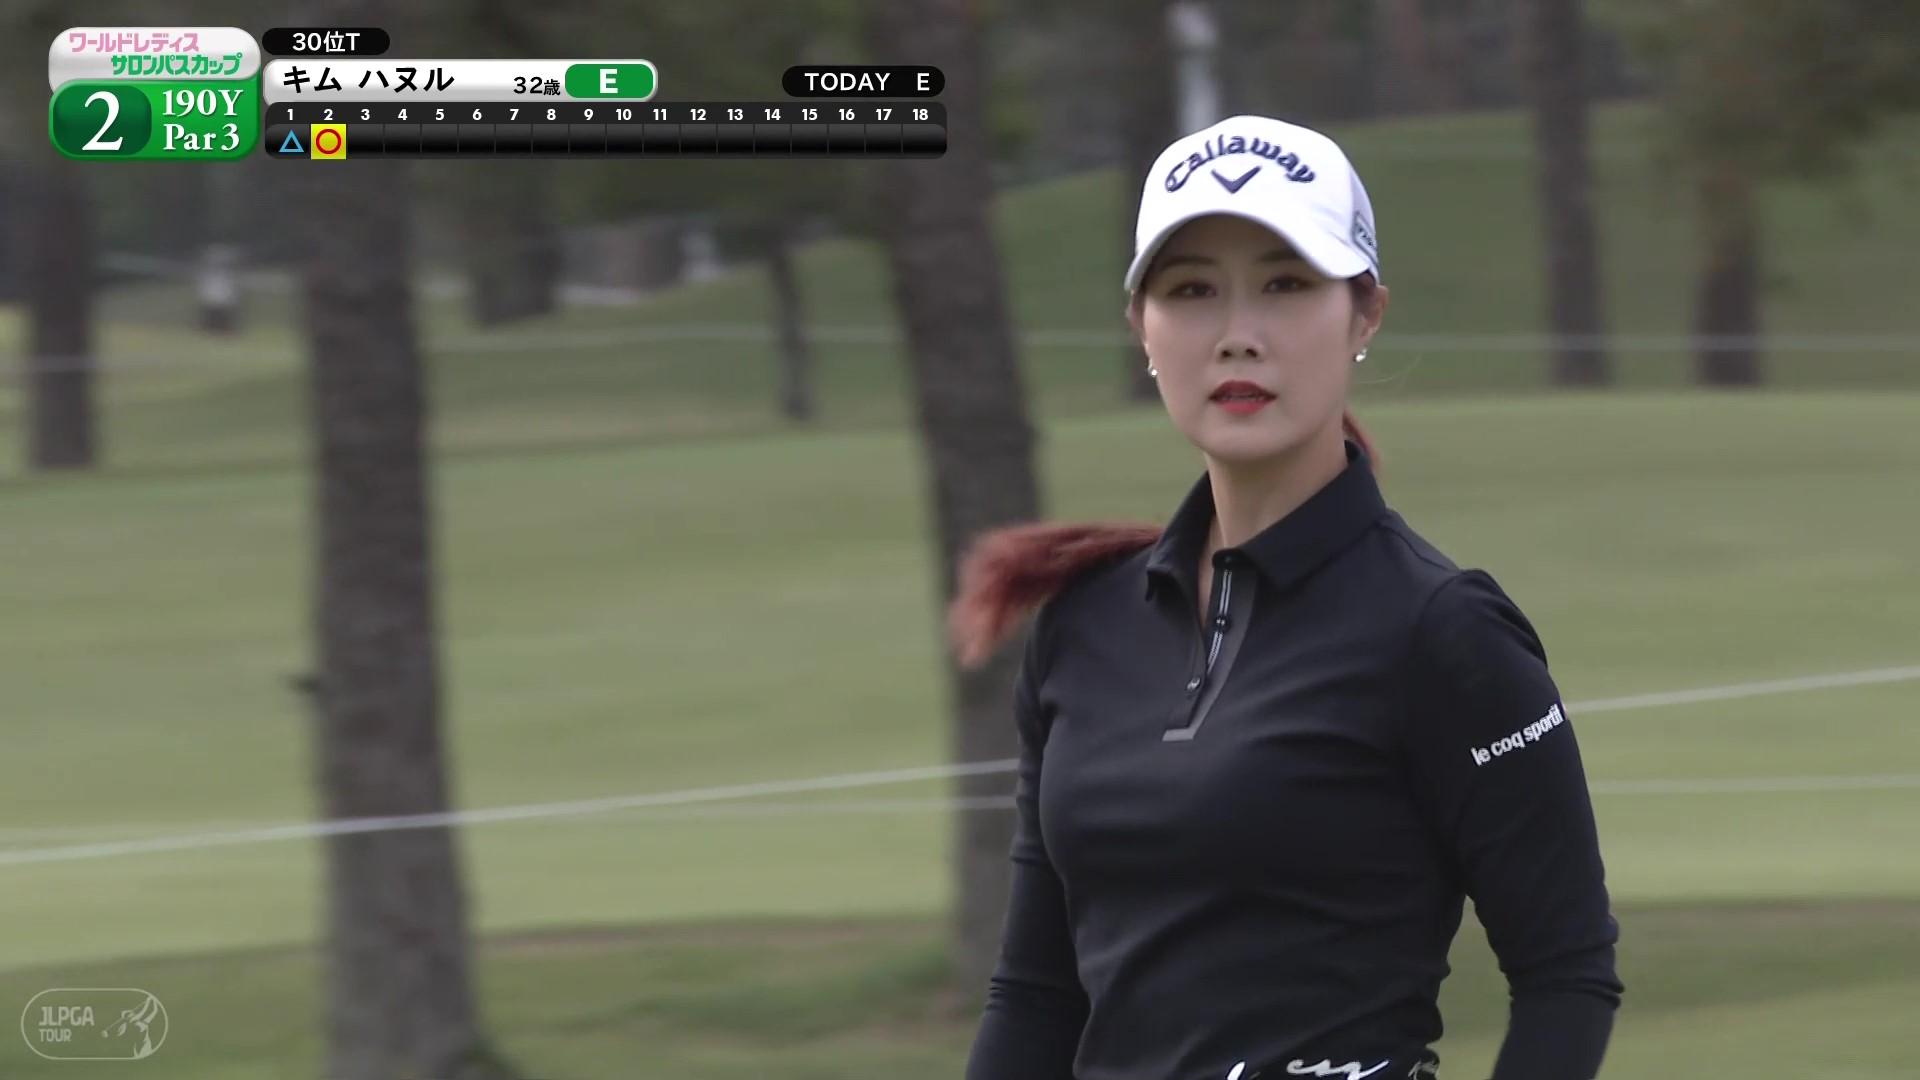 【女子ゴルフ】キム ハヌル 歴代チャンピオン、Par3でのスーパーショット!〈ワールドレディスチャンピオンシップサロンパスカップ2日目〉